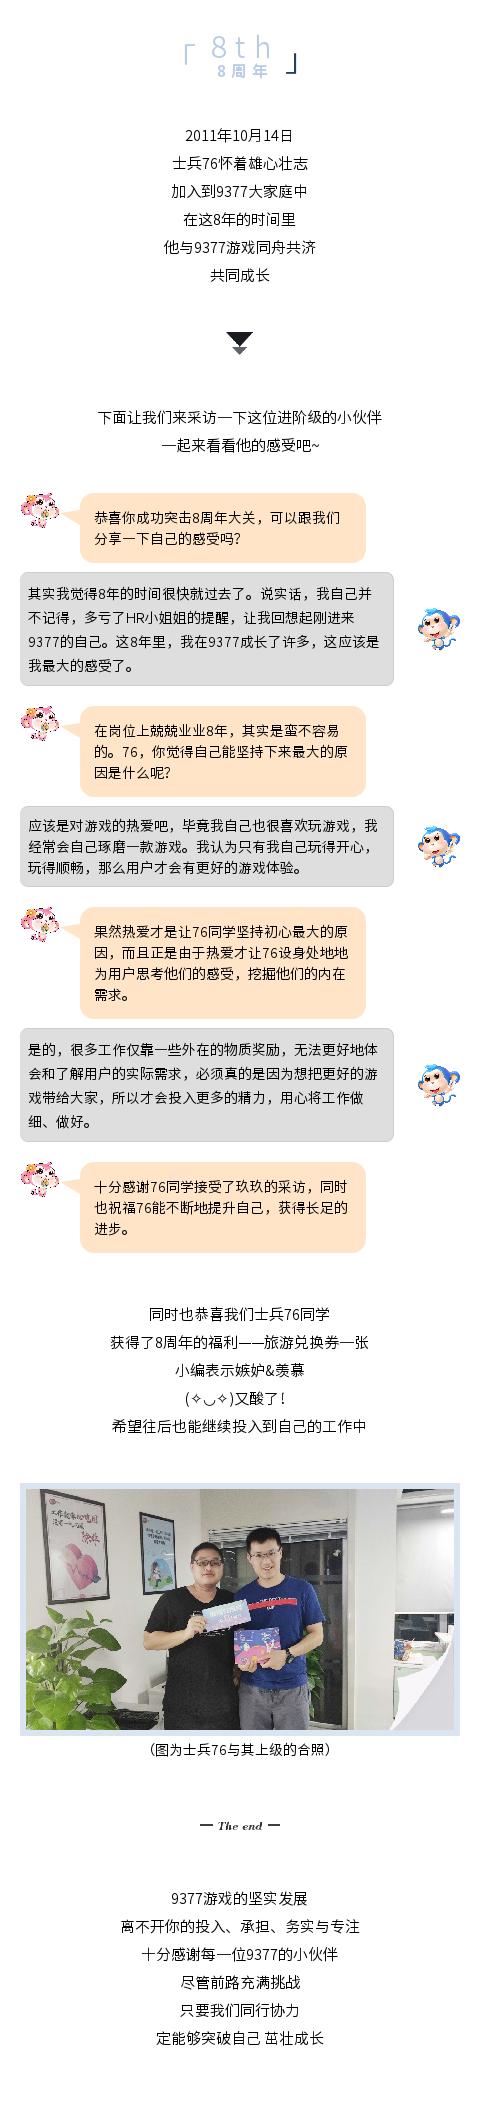 梁志恒.png